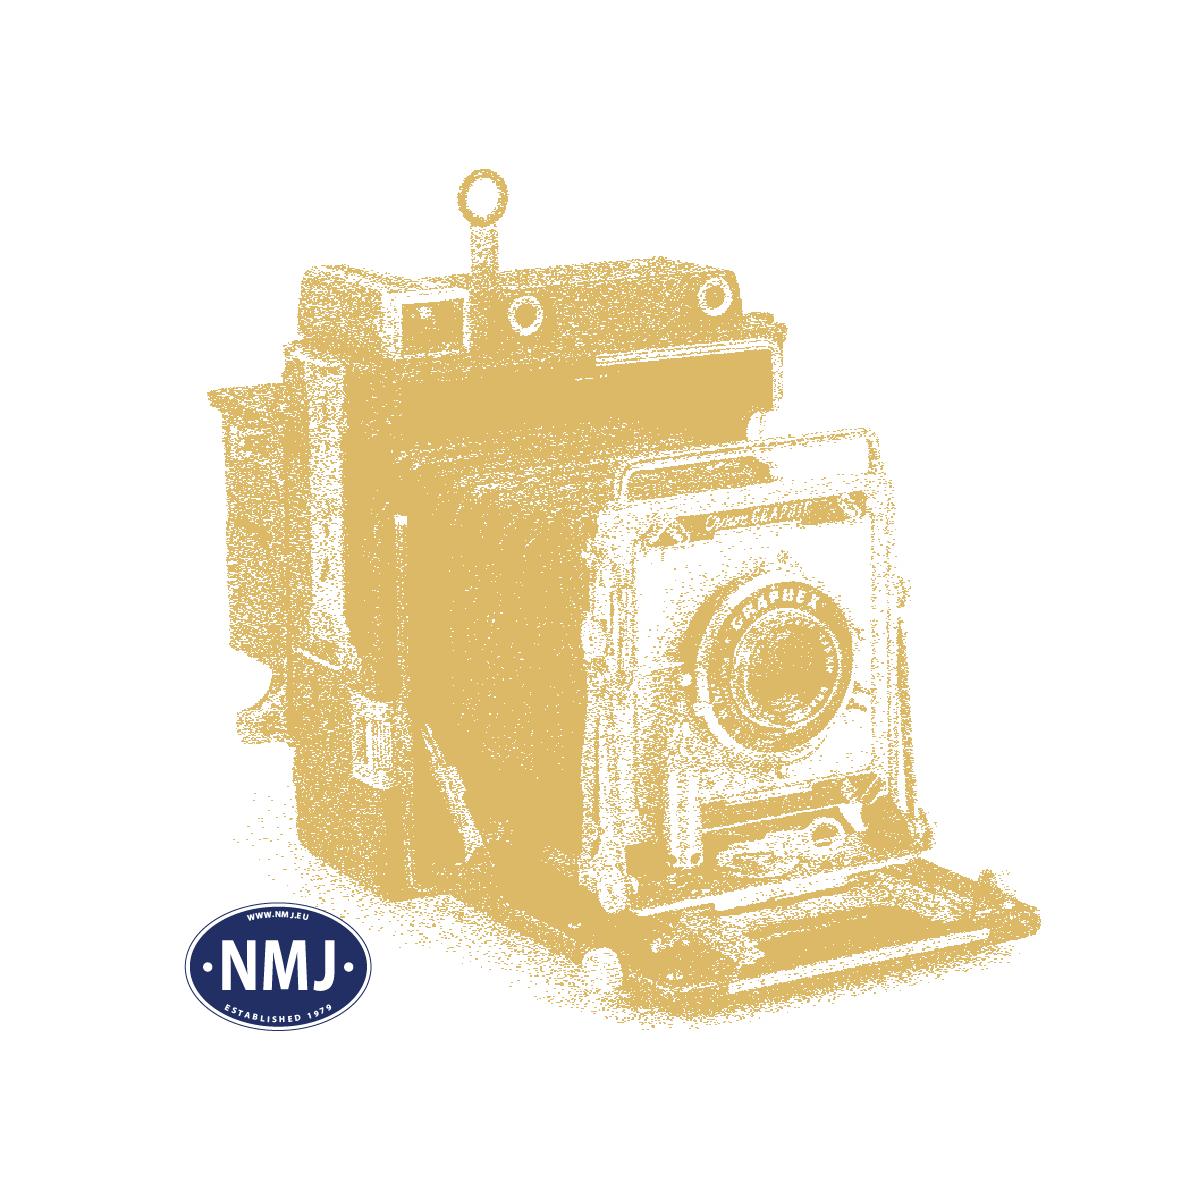 NMJB1135 - NMJ Iron Ore Load for MAS 1908, 4 Pcs.